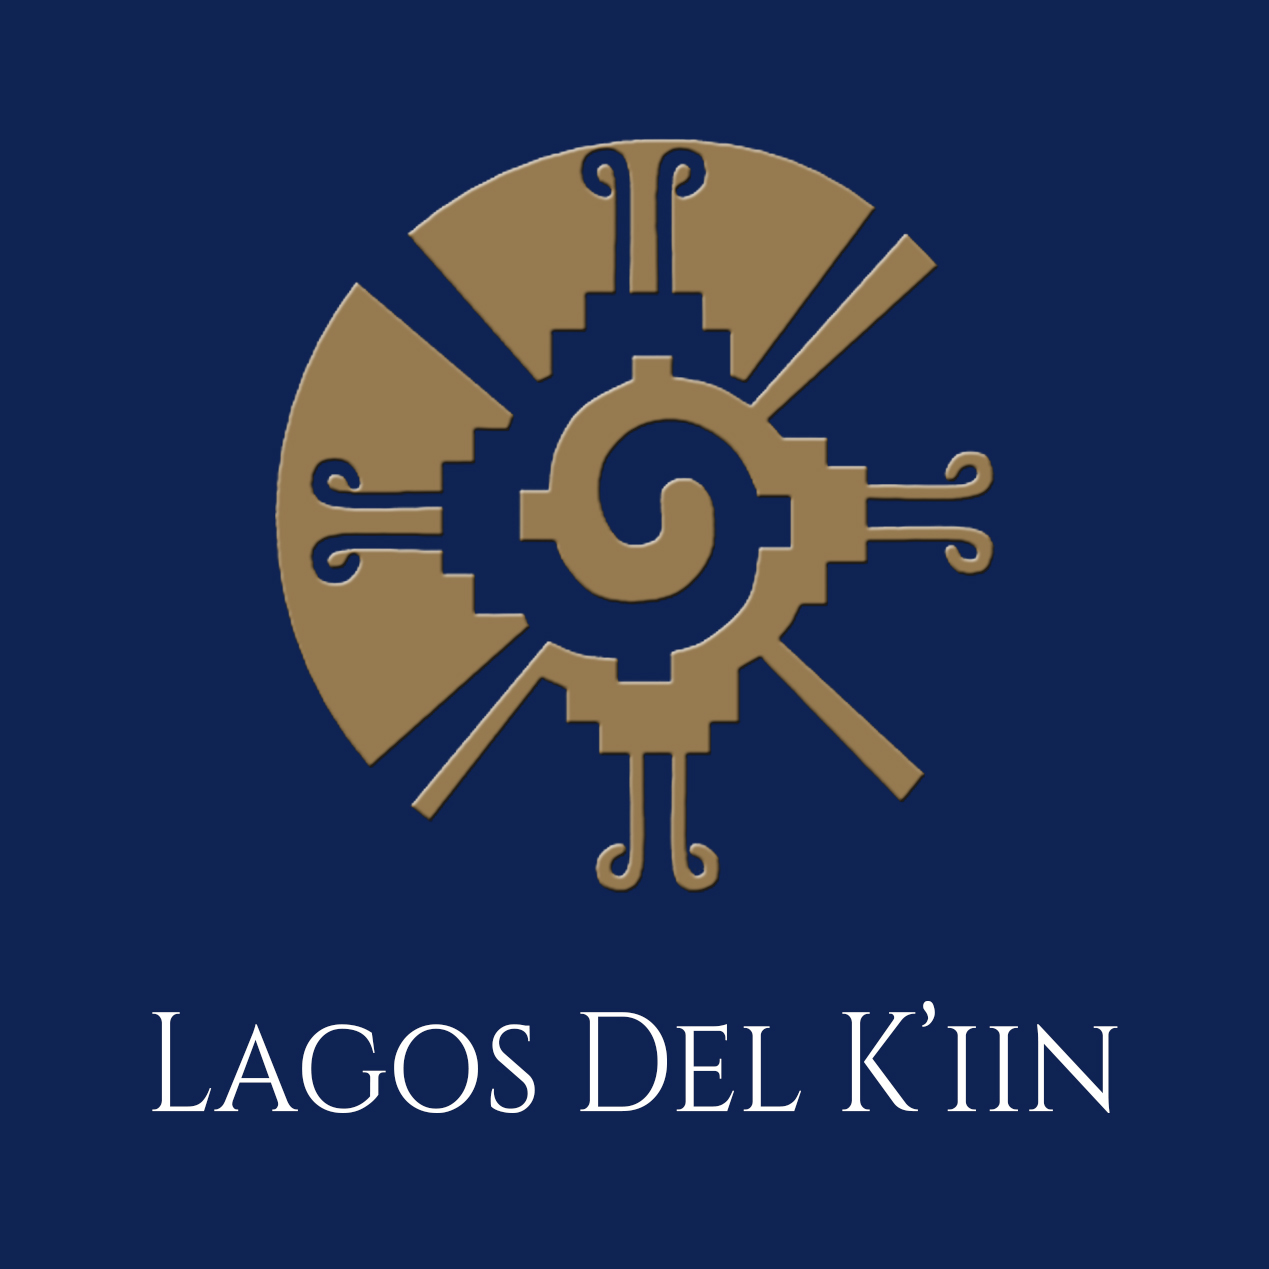 Lagos Del K'iin